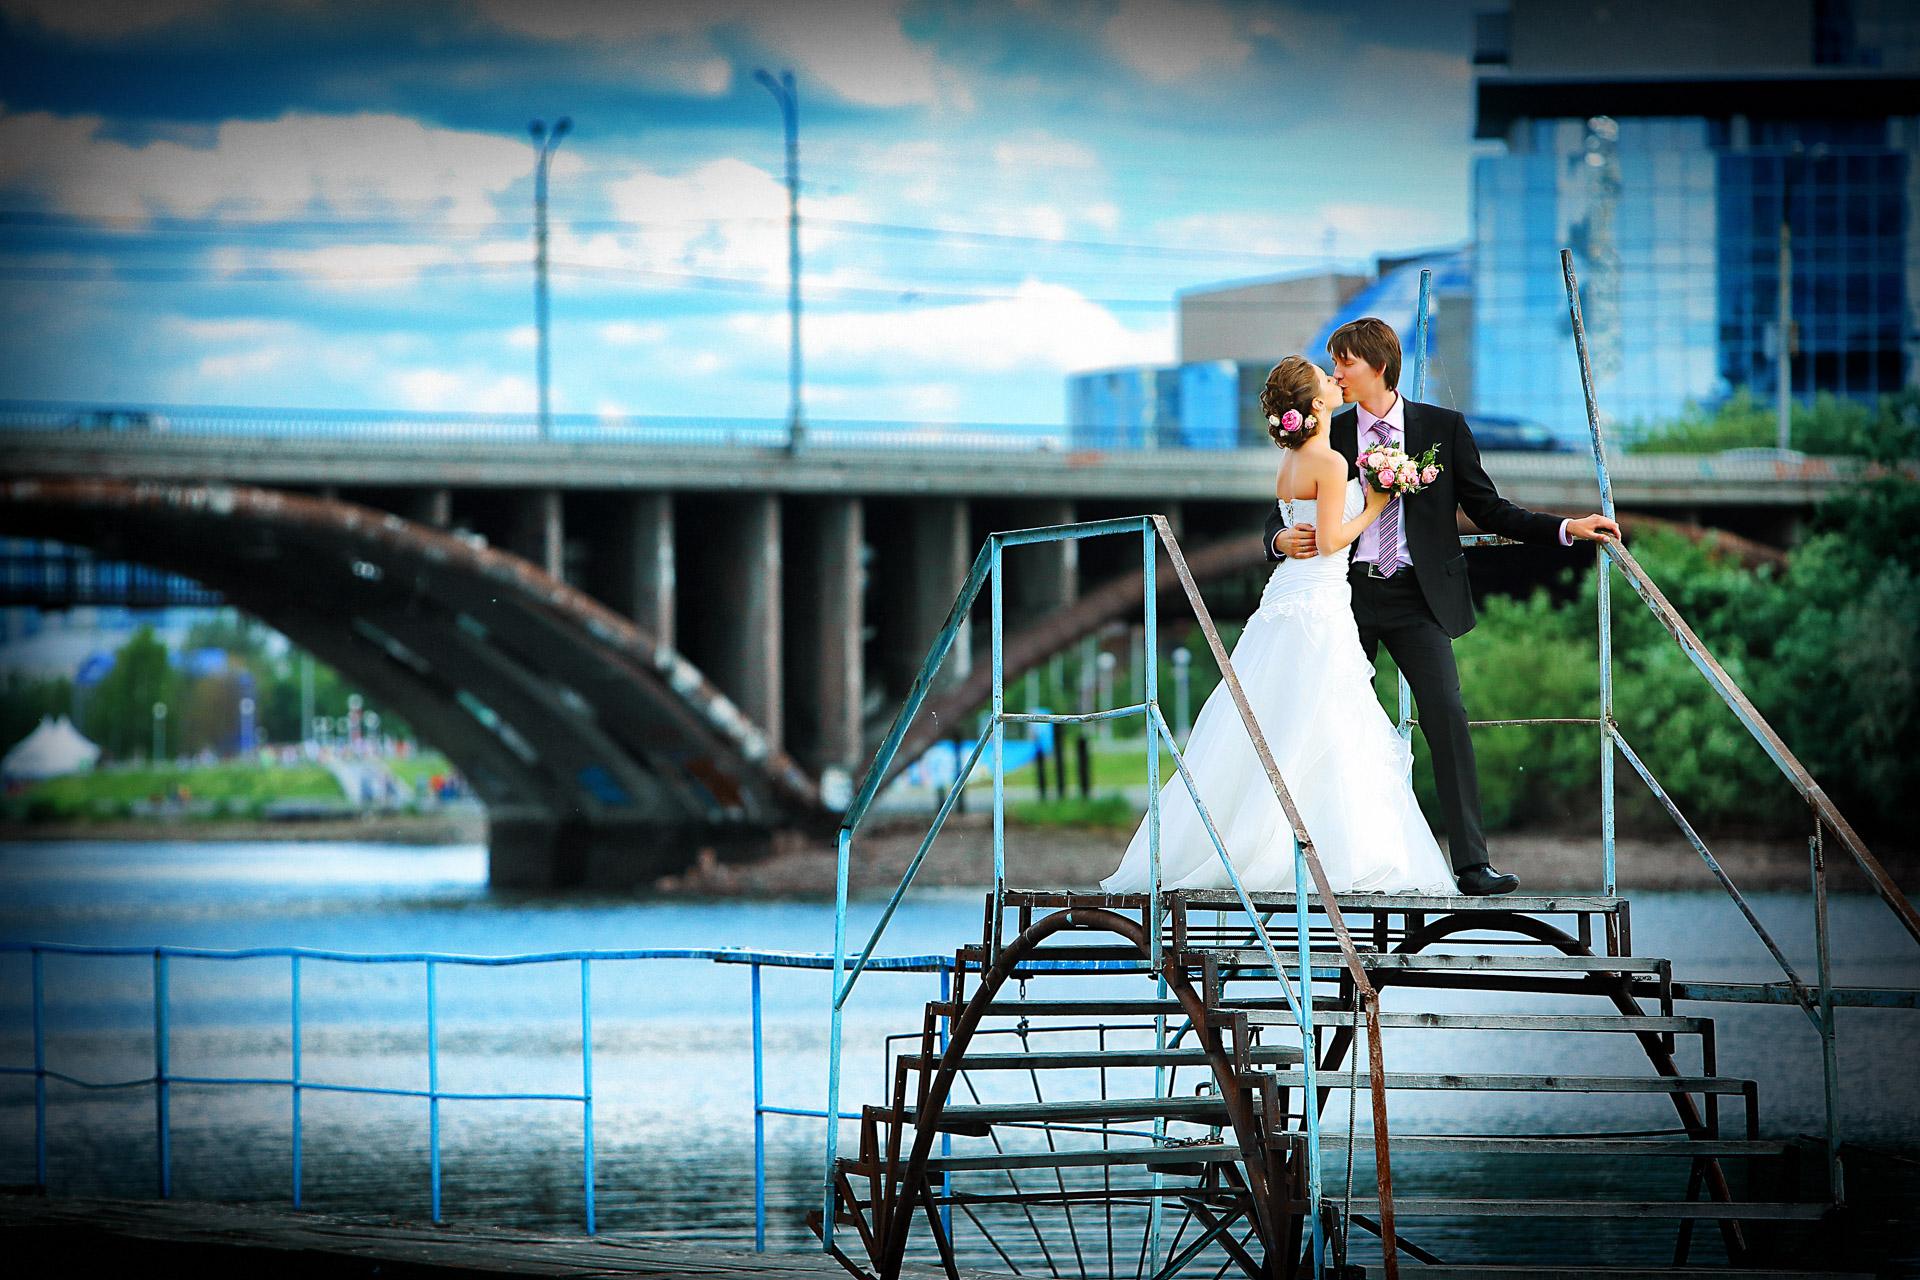 ПОРТФОЛИО © Paulss.com 094